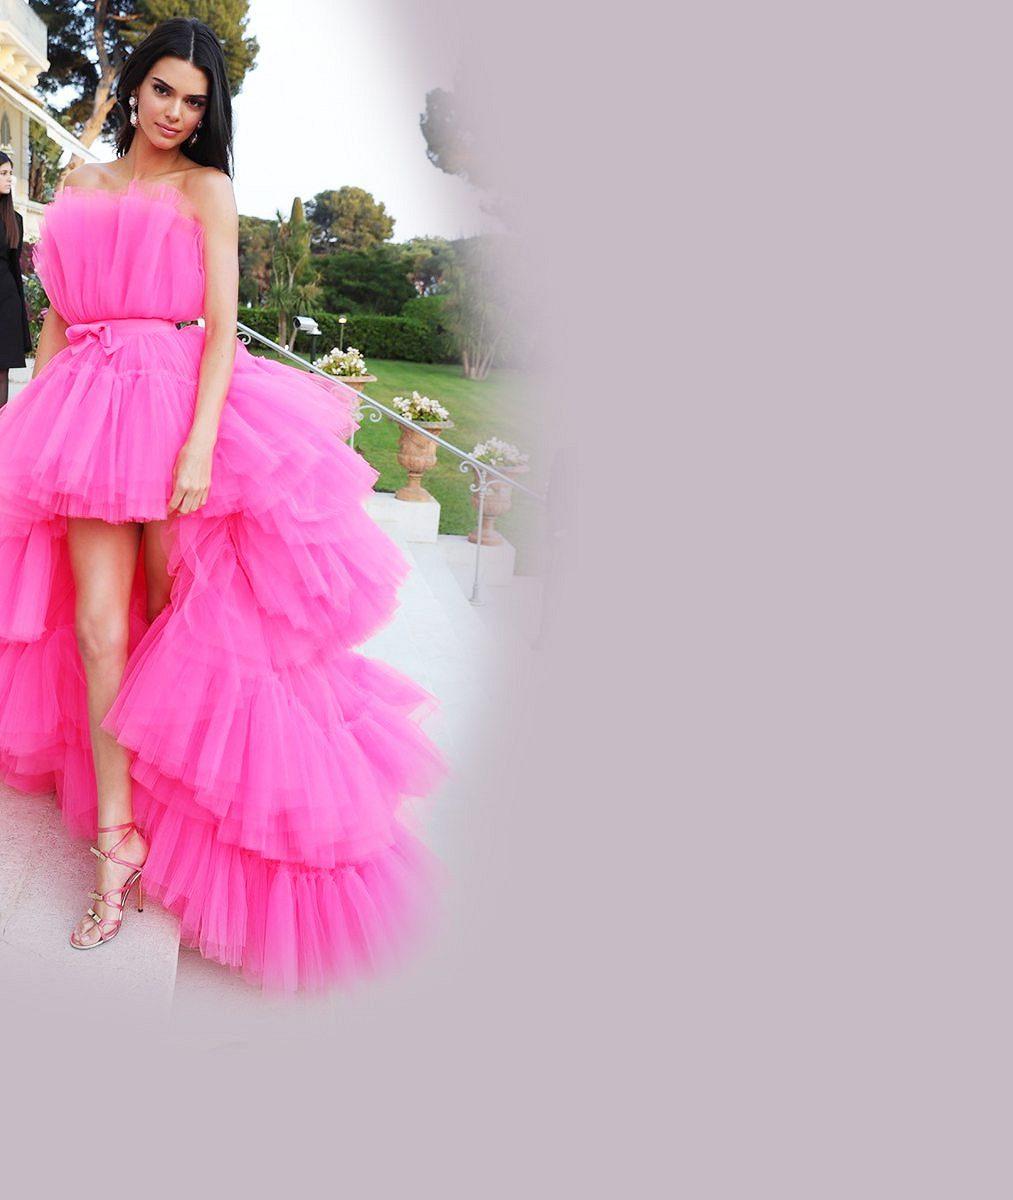 Nejpůvabnější dáma zklanu Kardashianových předvedla svou přirozenou krásu ve vodopádu růžového šifonu